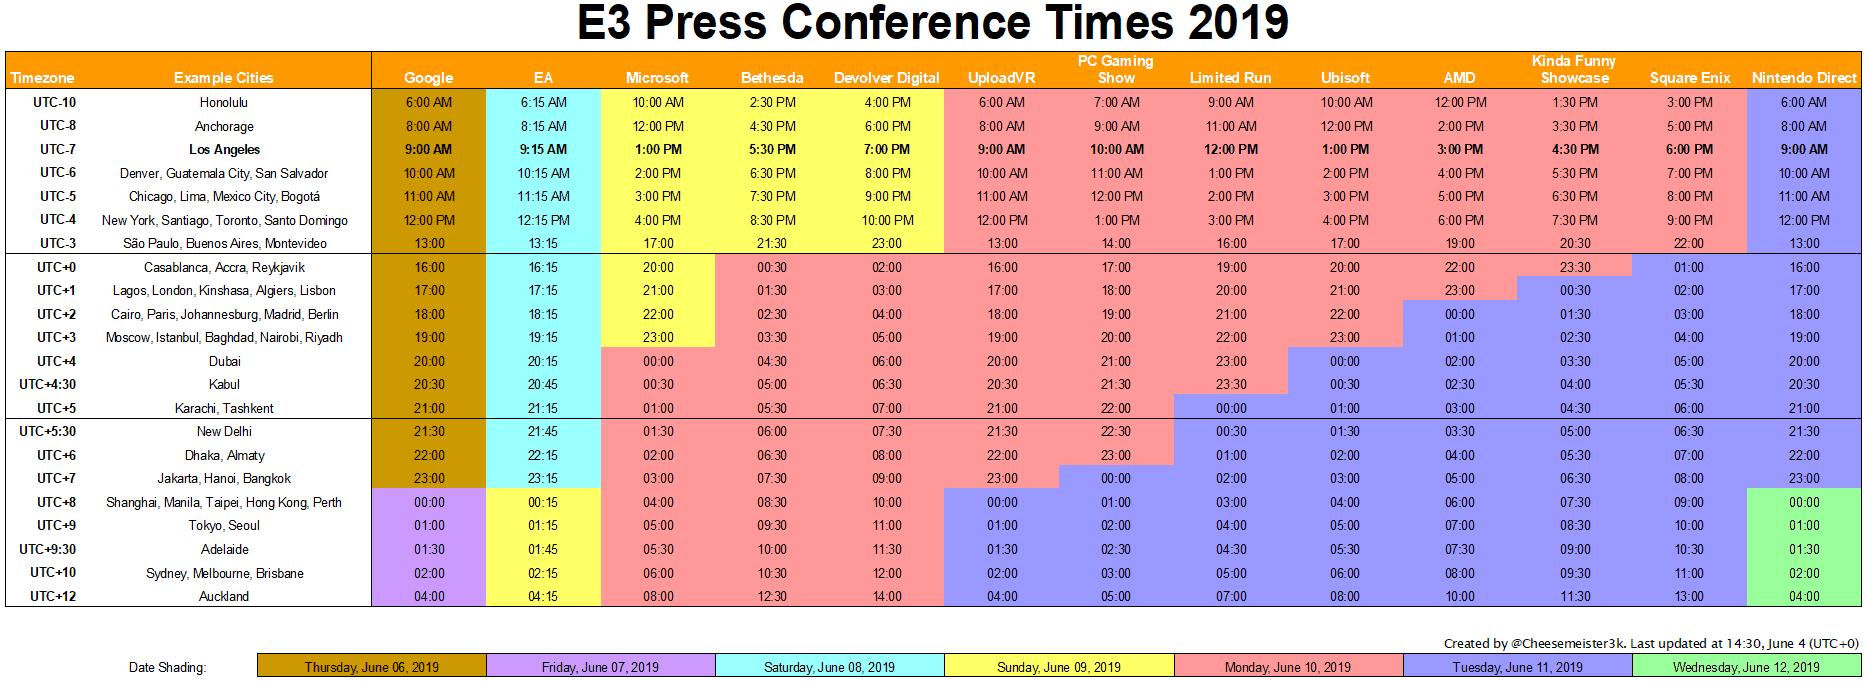 schedule with timezones